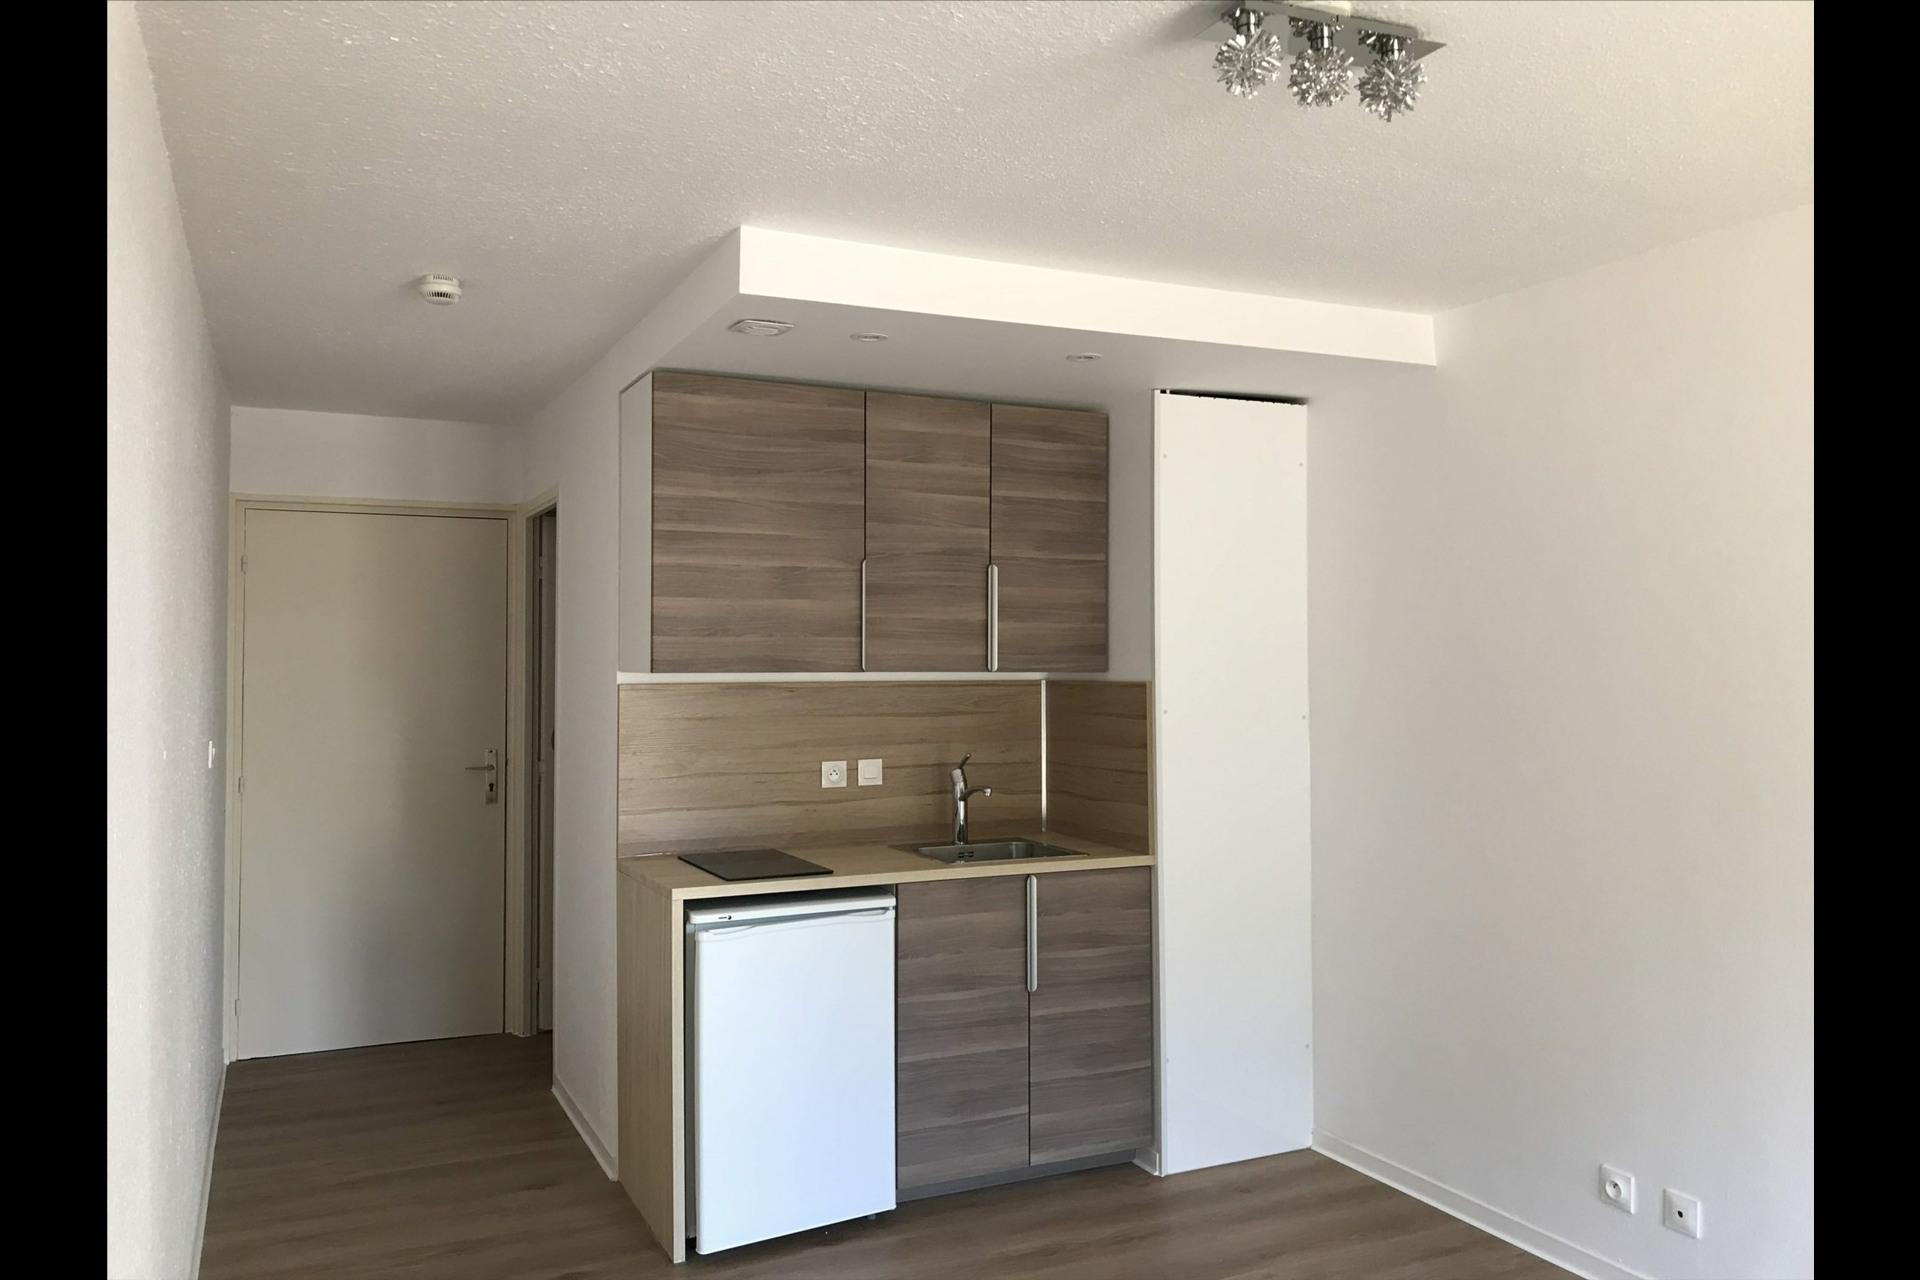 image 2 - Appartement À louer VANDOEUVRE LES NANCY VANDOEUVRE  BRABOIS Plateau de Brabois - 1 pièce